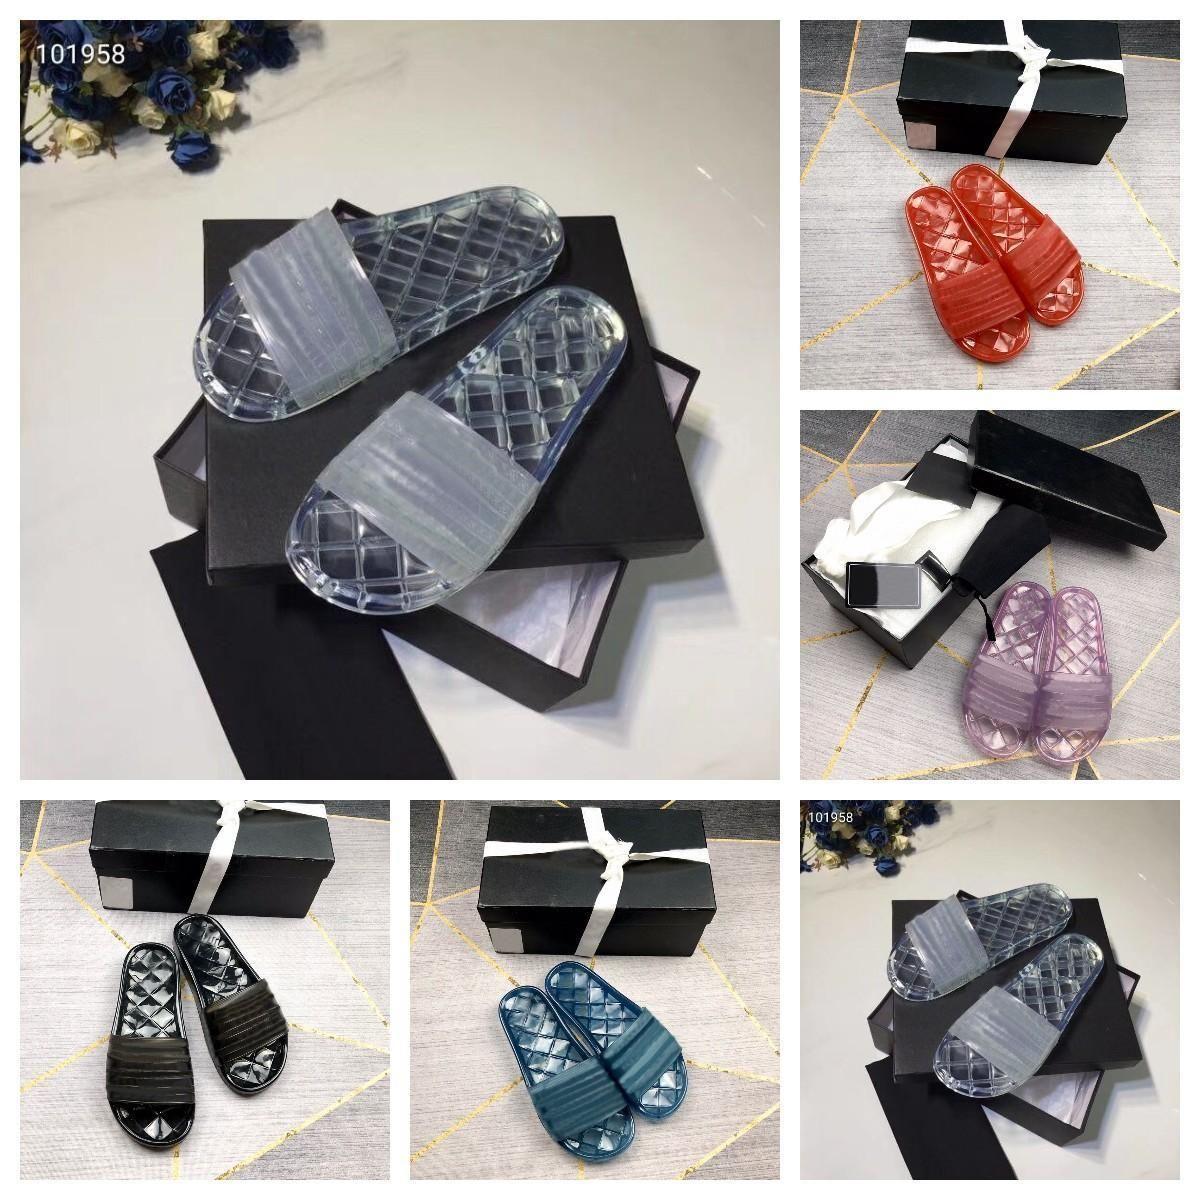 2021 Designer Mulheres Escândalos Jelly Transparente PVC Clear Sandálias Chinelos de Borracha Sandália Floral Brocade Bottoms Flip Flops ao ar livre